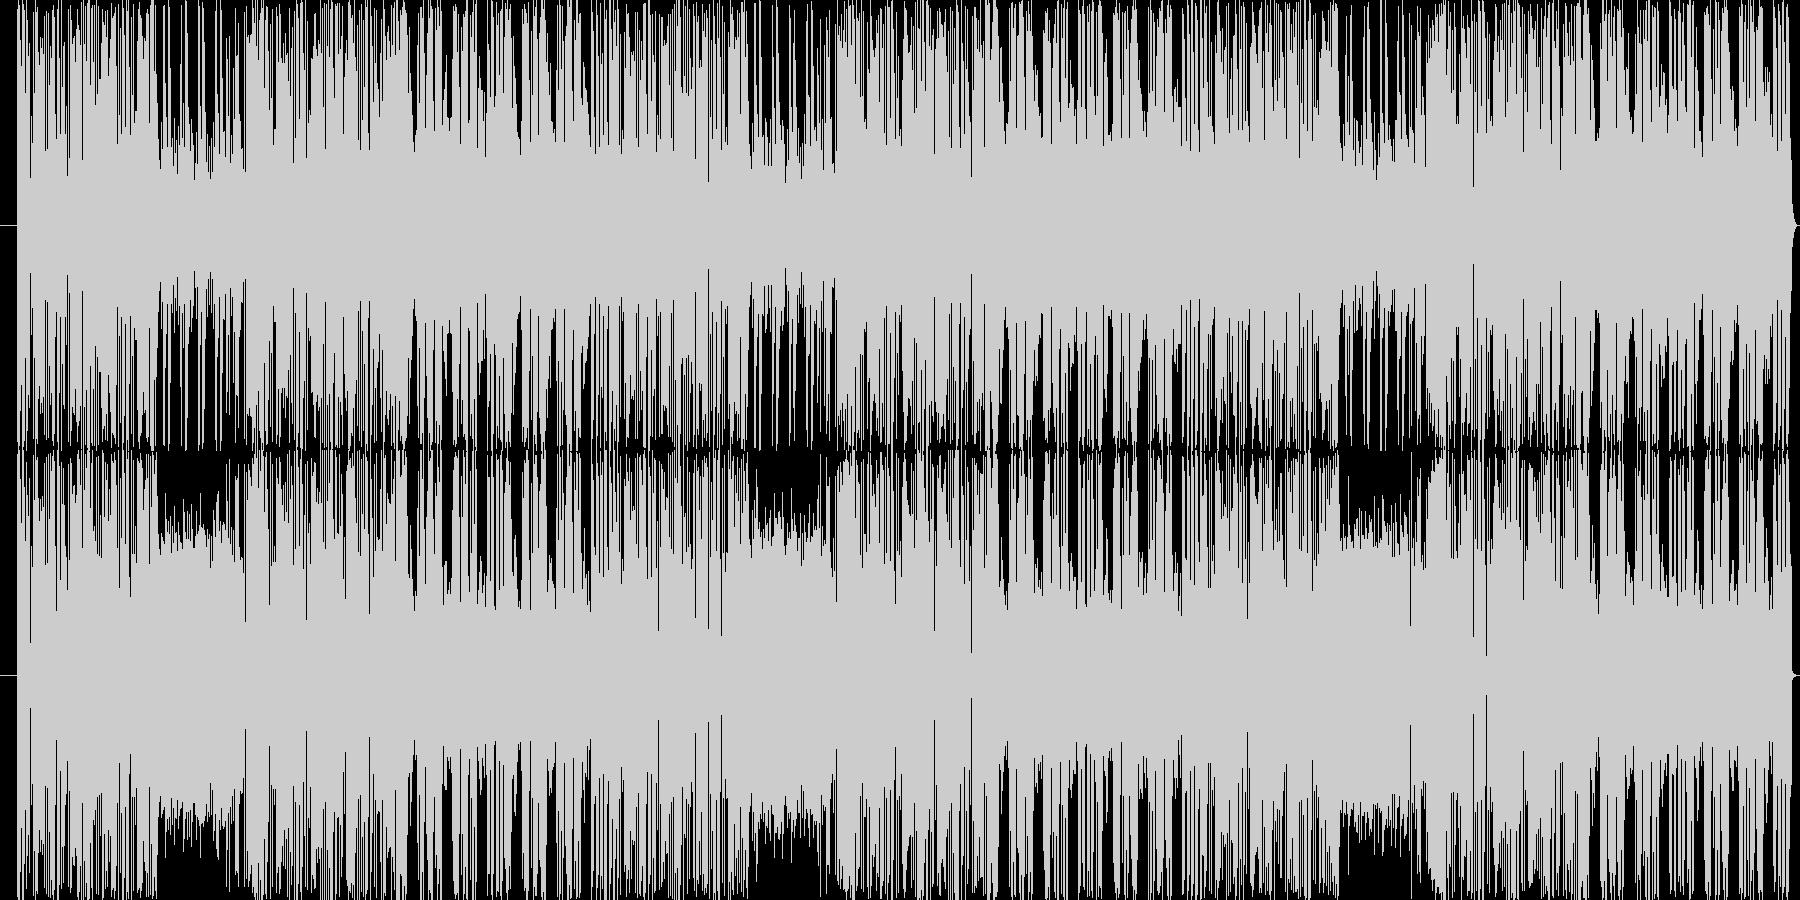 チャイニーズ風。幻想的でスリリングの未再生の波形